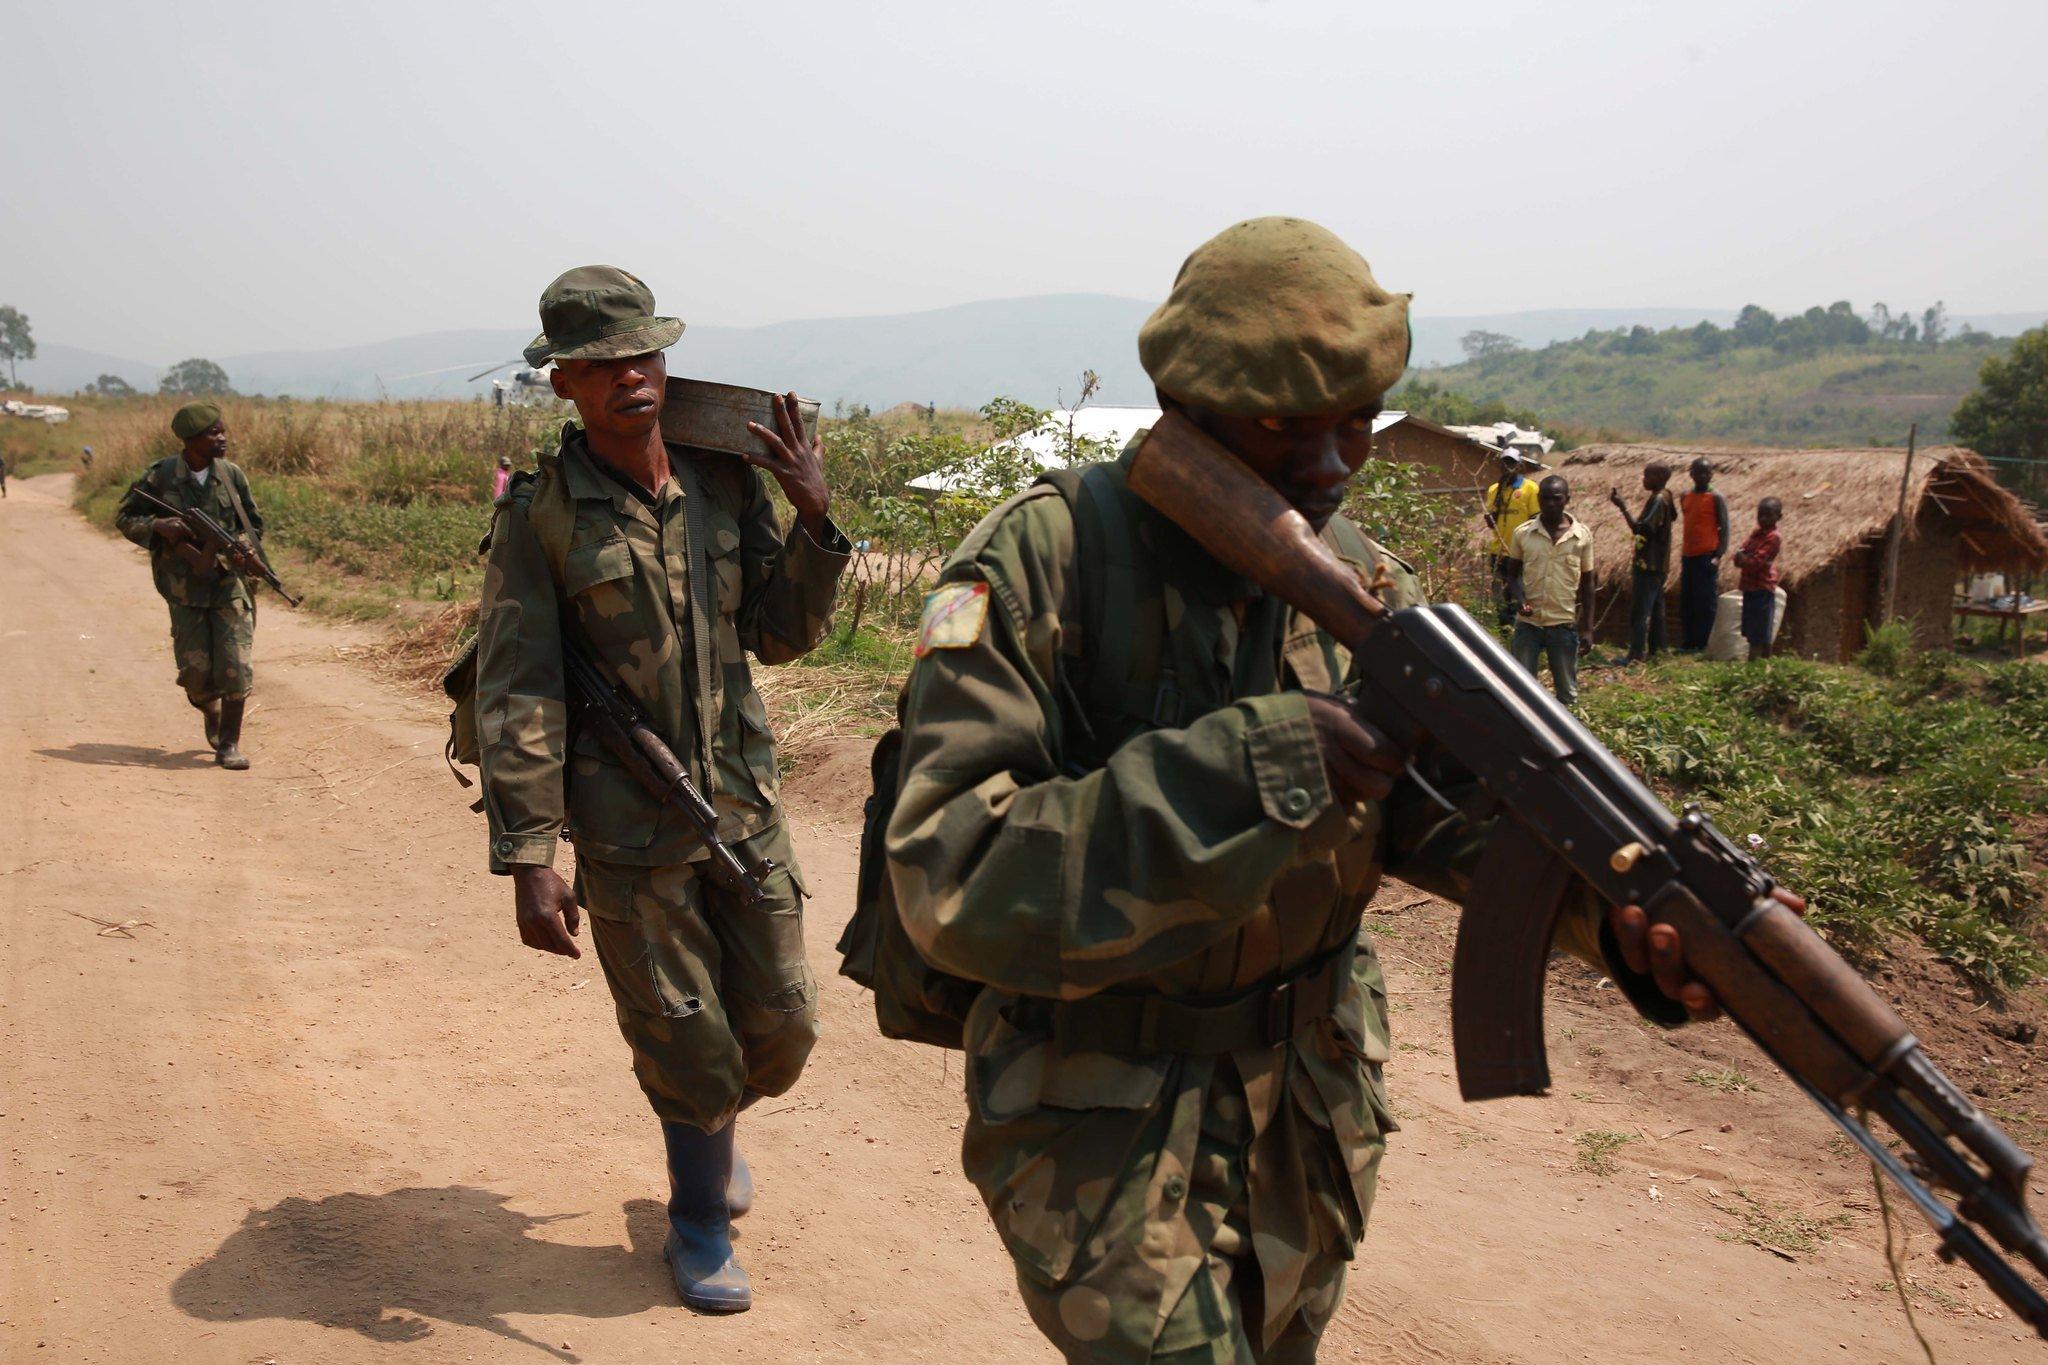 Des soldats des Forces armées de la RDC, lors d'une opération contre les rebelles rwandais des FDLR, en février 2015 dans le Sud-Kivu.